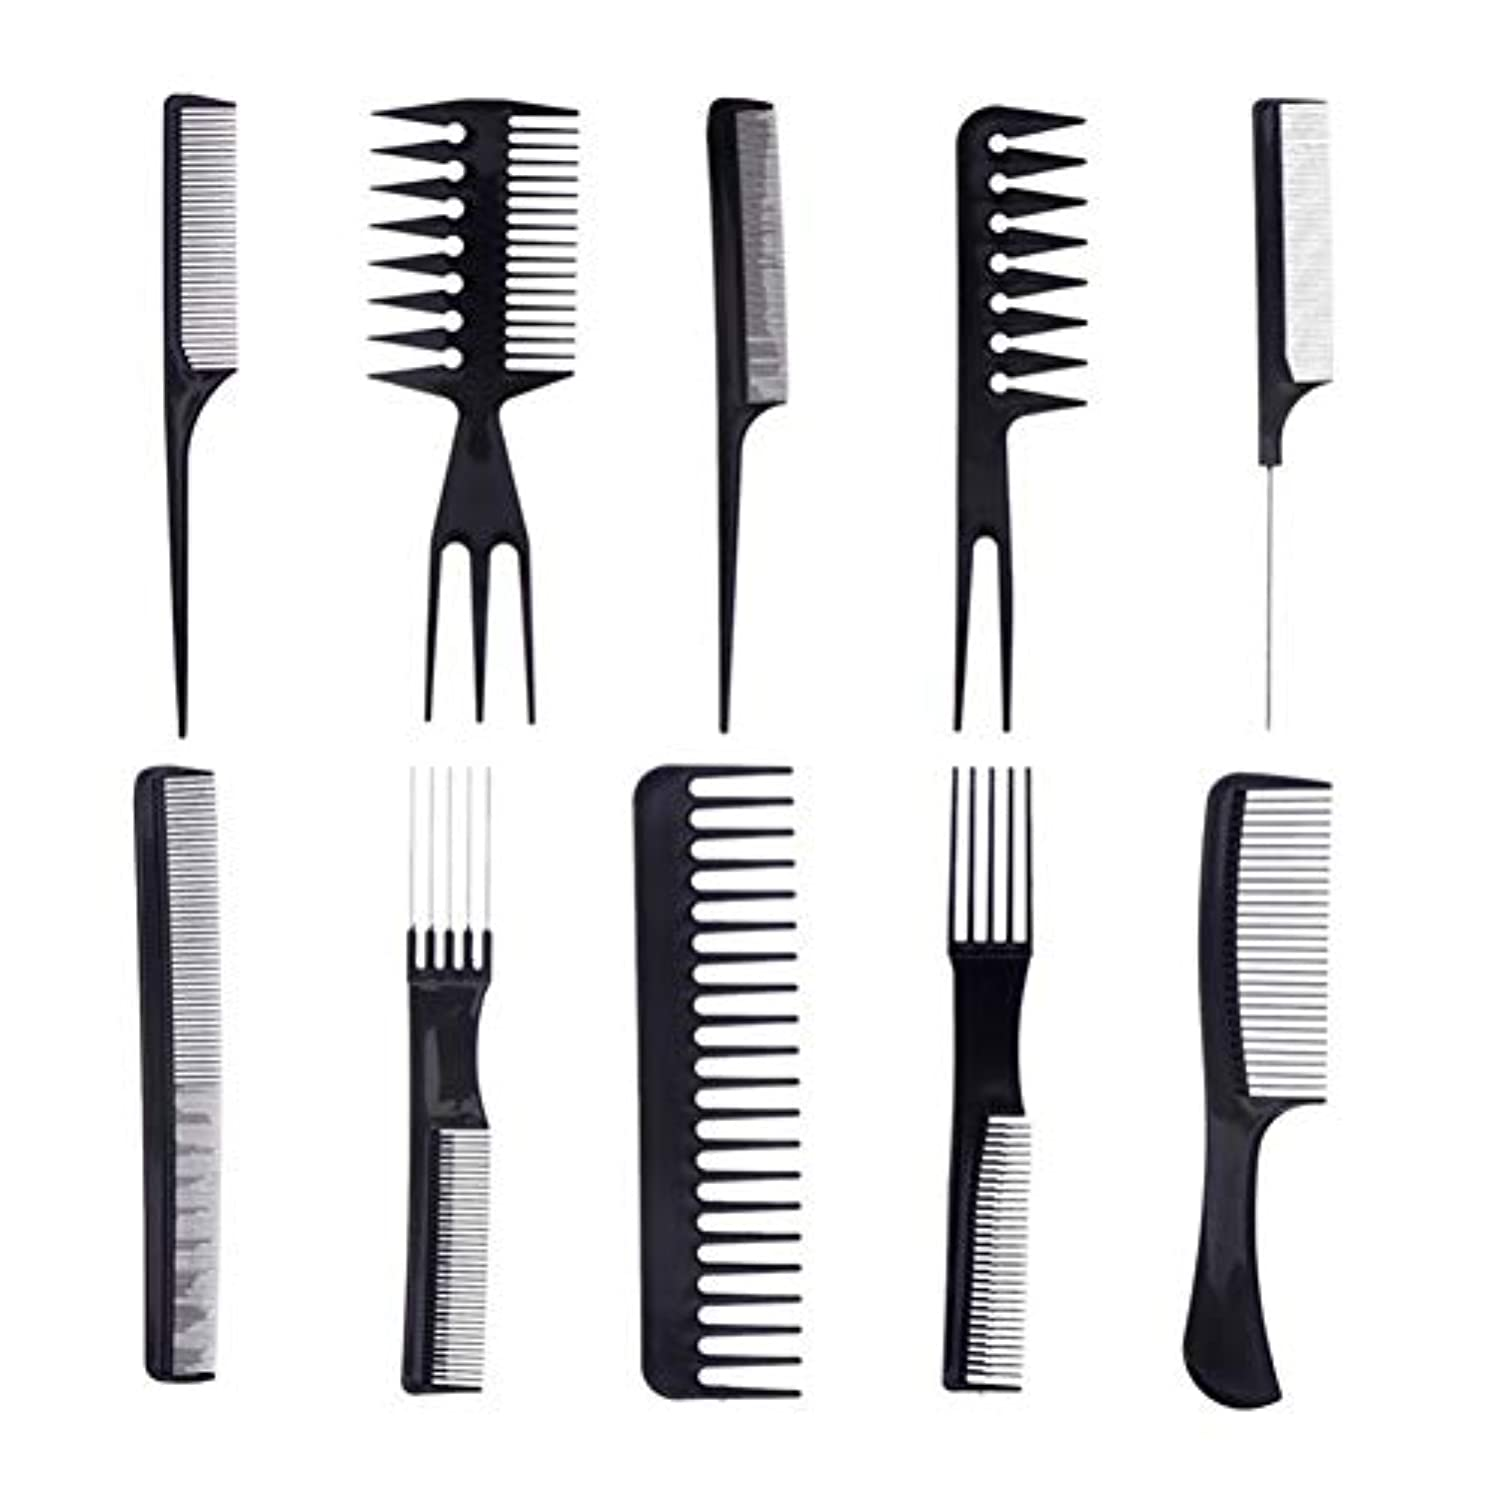 ジョットディボンドンアレイ回路プロの櫛静電気防止コームのヘアーサロンビューティーサロンスタイリングツールや髪のすべてのタイプ(黒)の10 /セット